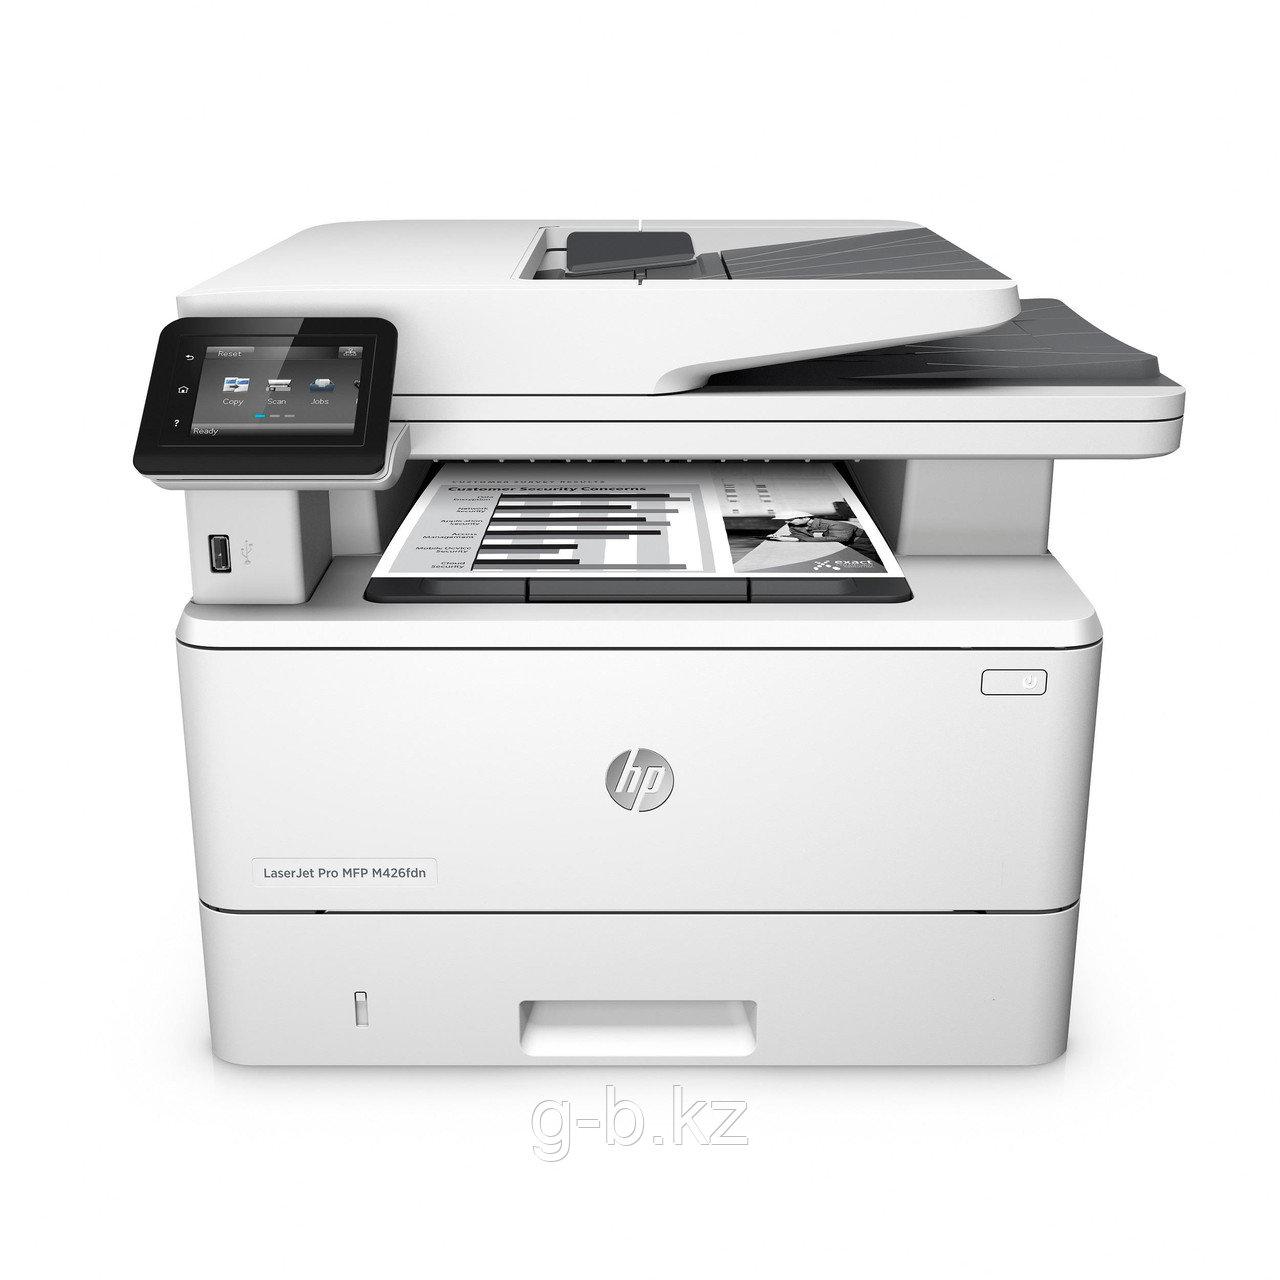 МФП HP Europe Color LaserJet Pro M477fdn